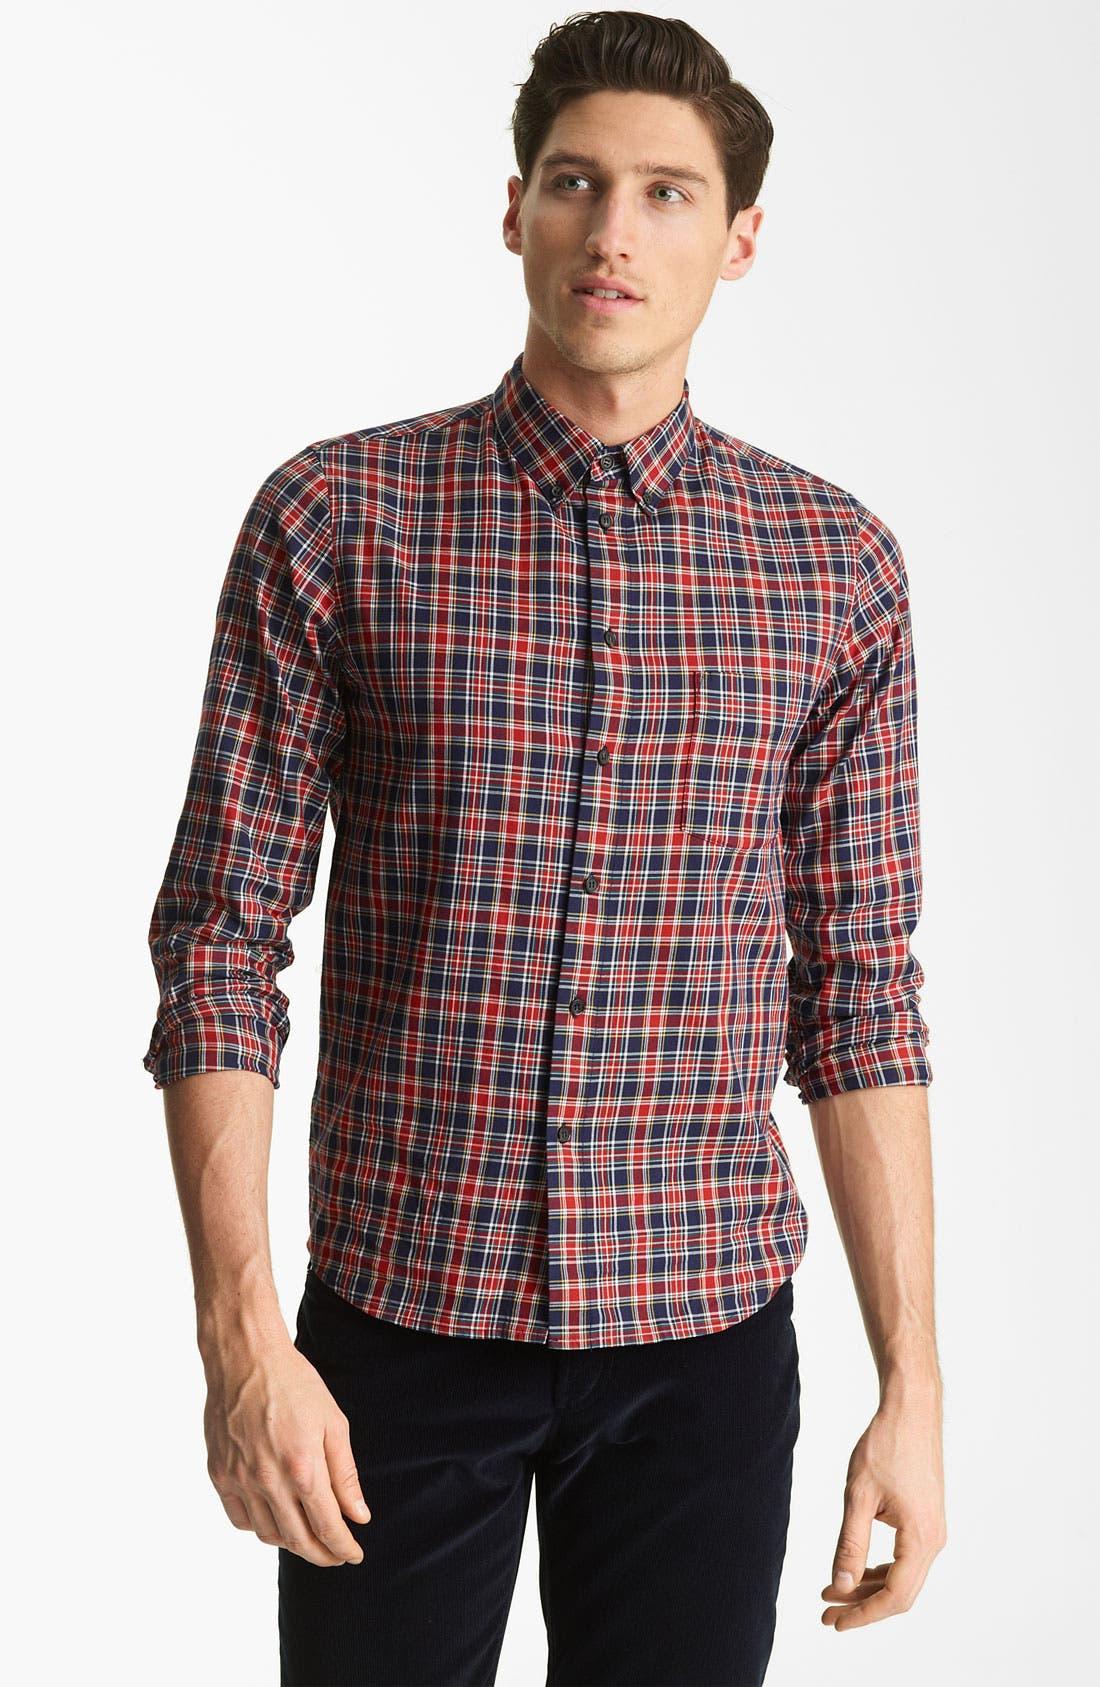 Alternate Image 1 Selected - A.P.C. 'Vintage' Plaid Cotton Shirt